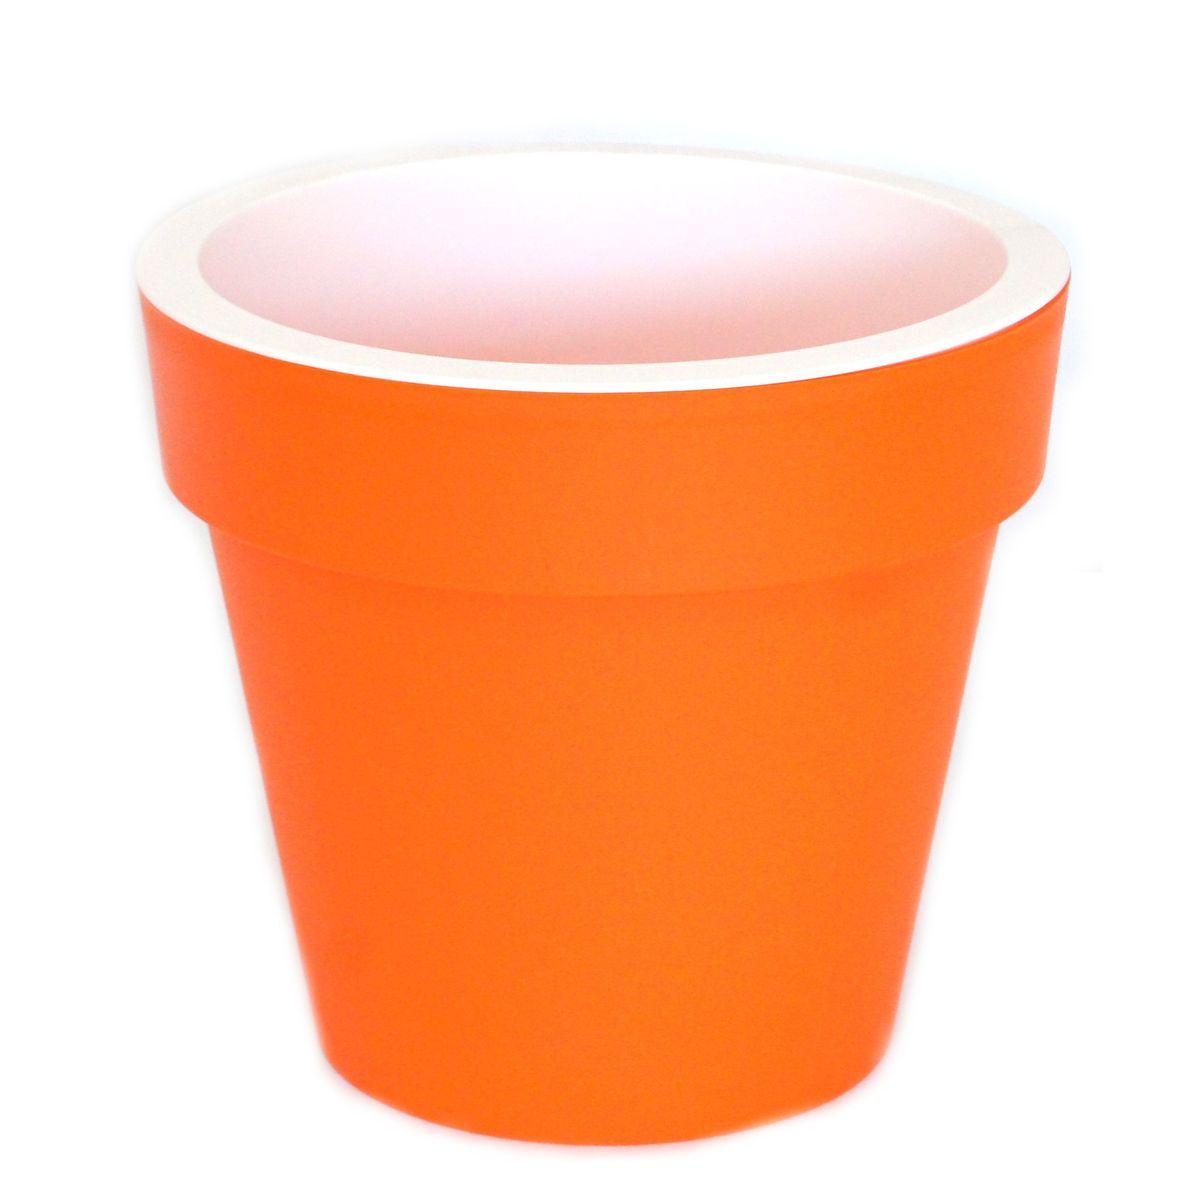 Кашпо JetPlast Порто, со вставкой, цвет: оранжевый, 9 лC0042416Кашпо Порто классической формы с внутренней вставкой-горшком. Дренажная вставка позволяет легко поливать растения без использования дополнительного поддона. Вместительный объем кашпо позволяет высаживать самые разнообразные растения, а съемная вставка избавит вас от грязи и подчеркнет красоту цветка. Оно изготовлено из прочного полипропилена (пластика). Такое кашпо порадует вас функциональностью, а благодаря лаконичному дизайну впишется в любой интерьер помещения. Объем кашпо: 9 л.